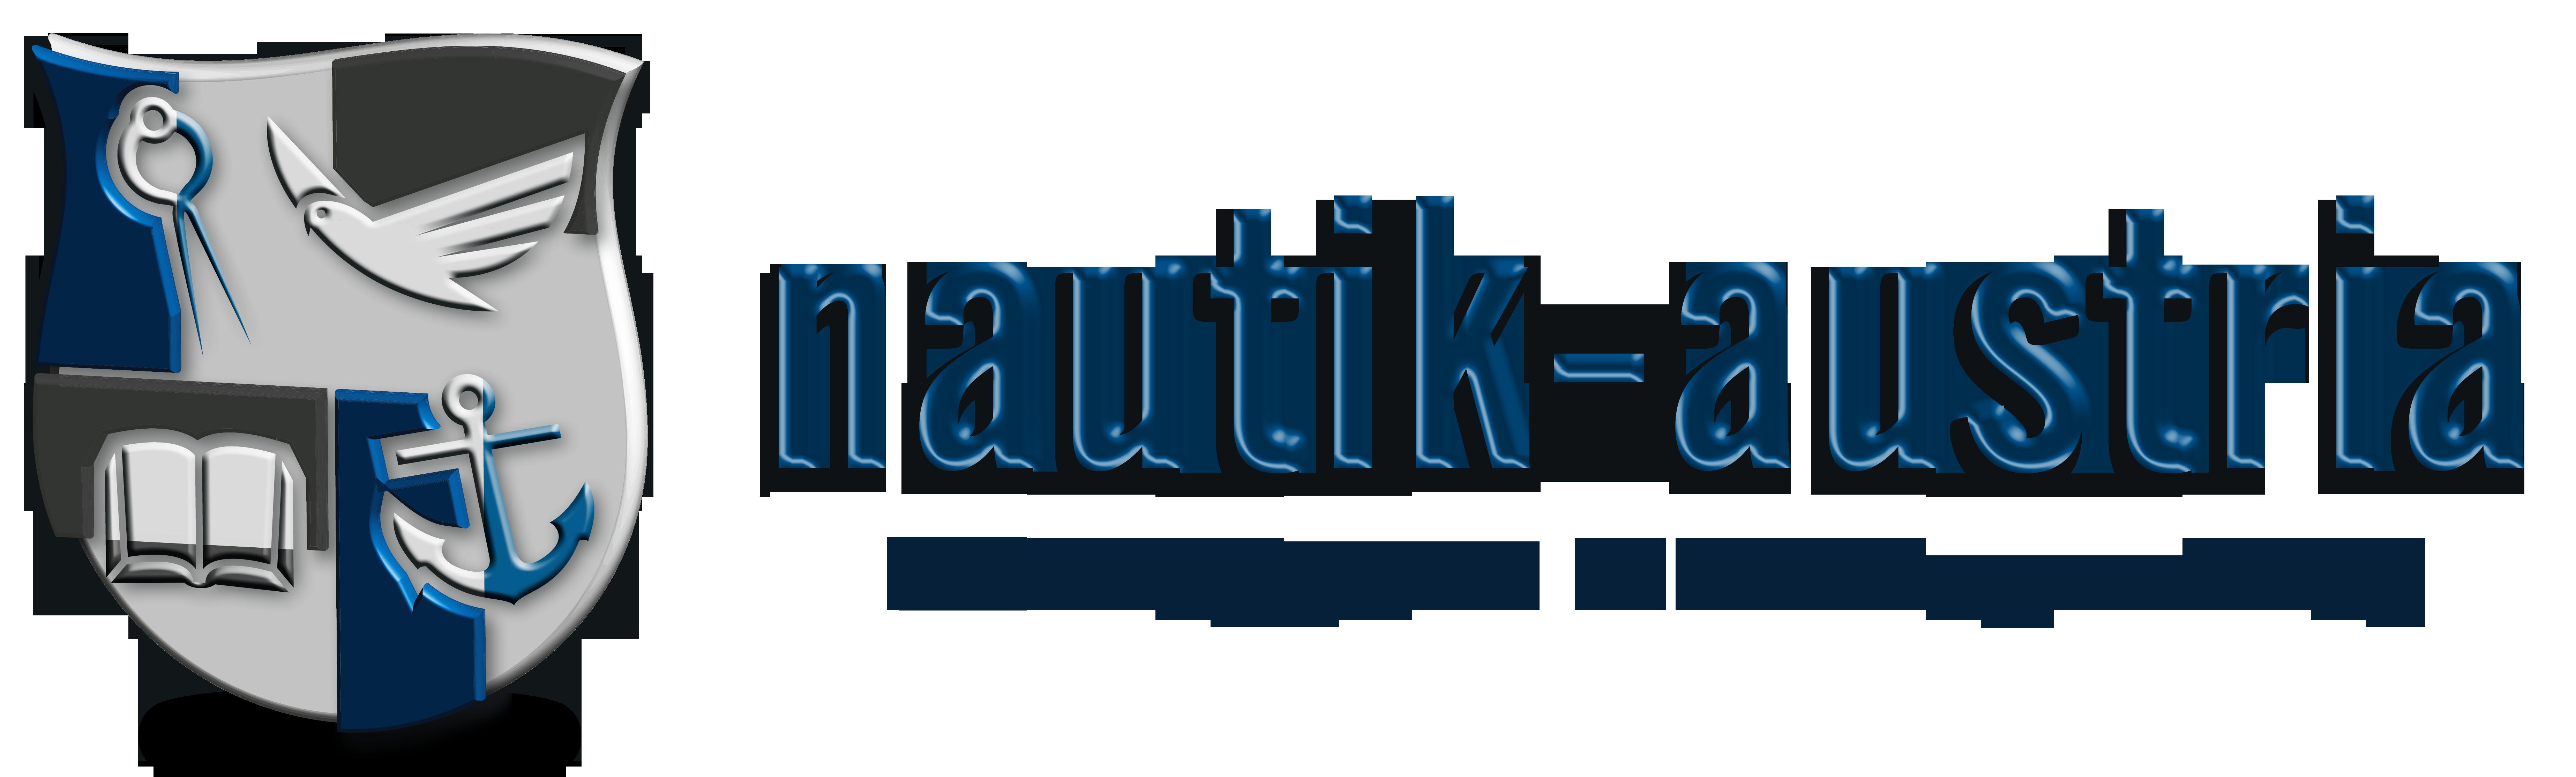 nautik-austria ist Ihr perfekter Partner bei allen Kursen in der Schifffahrt!